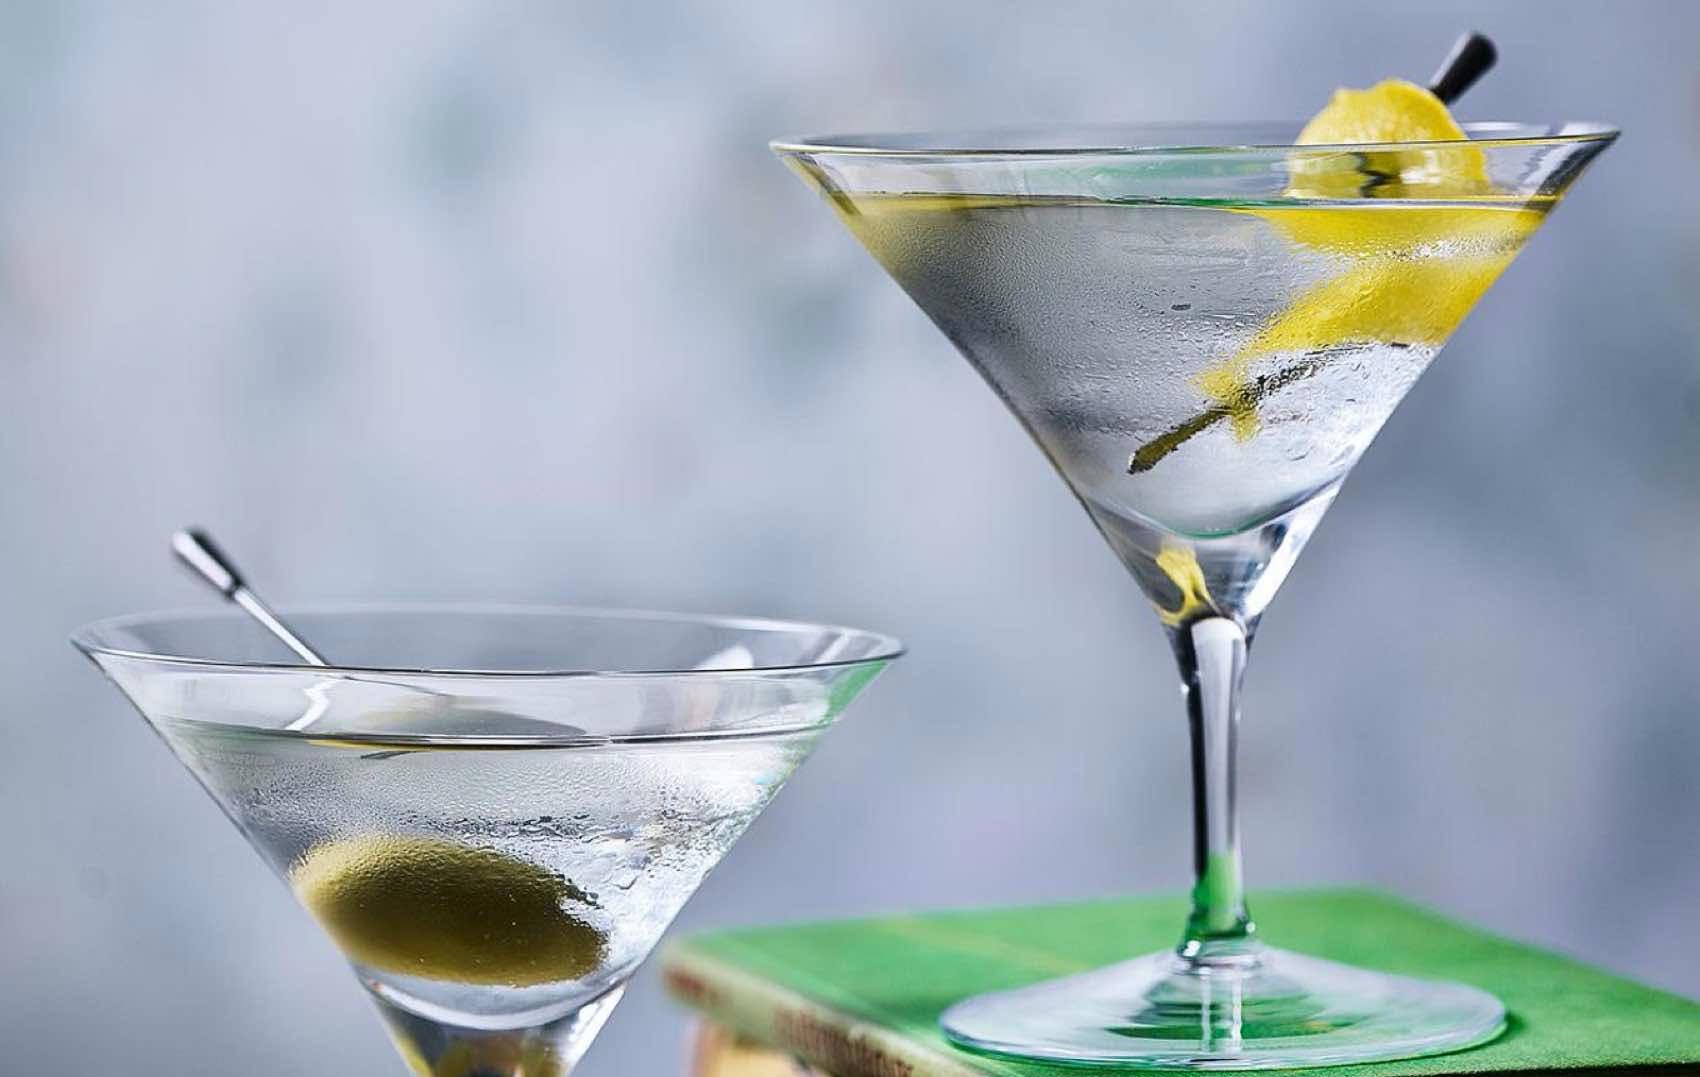 En Dry Martini cocktail slik den bør serveres